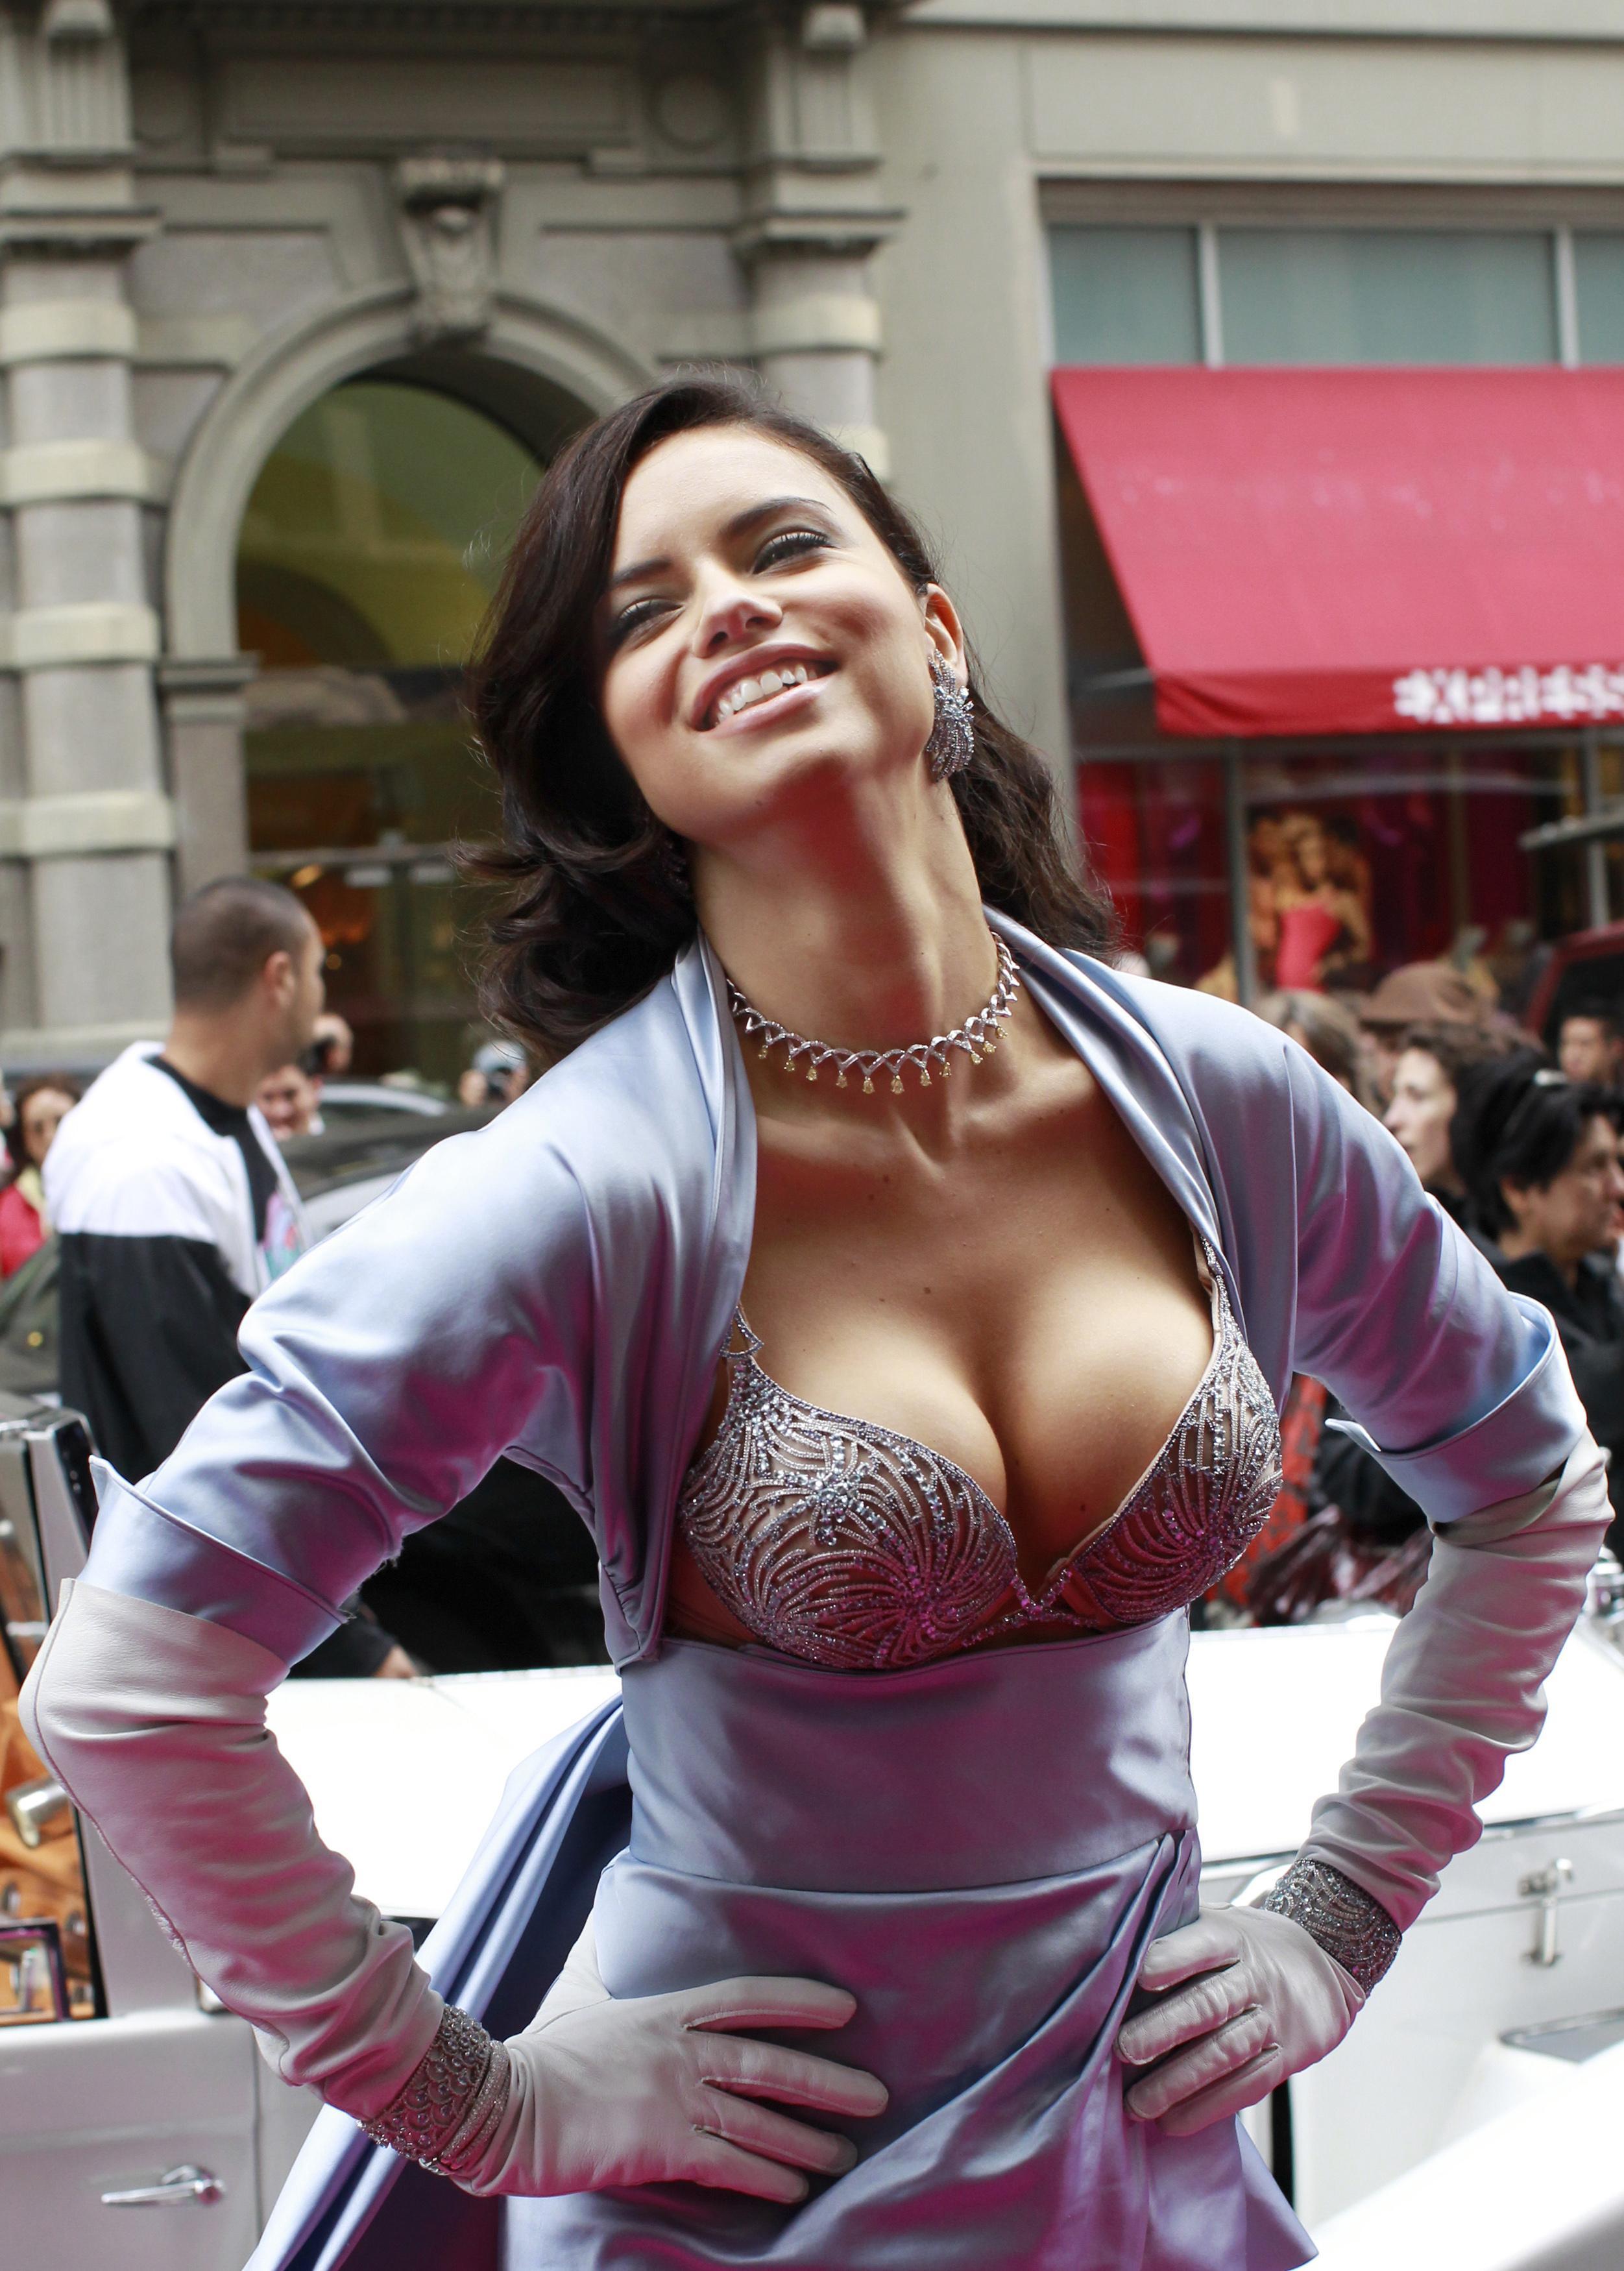 Фото большая грудь на улицу — pic 12